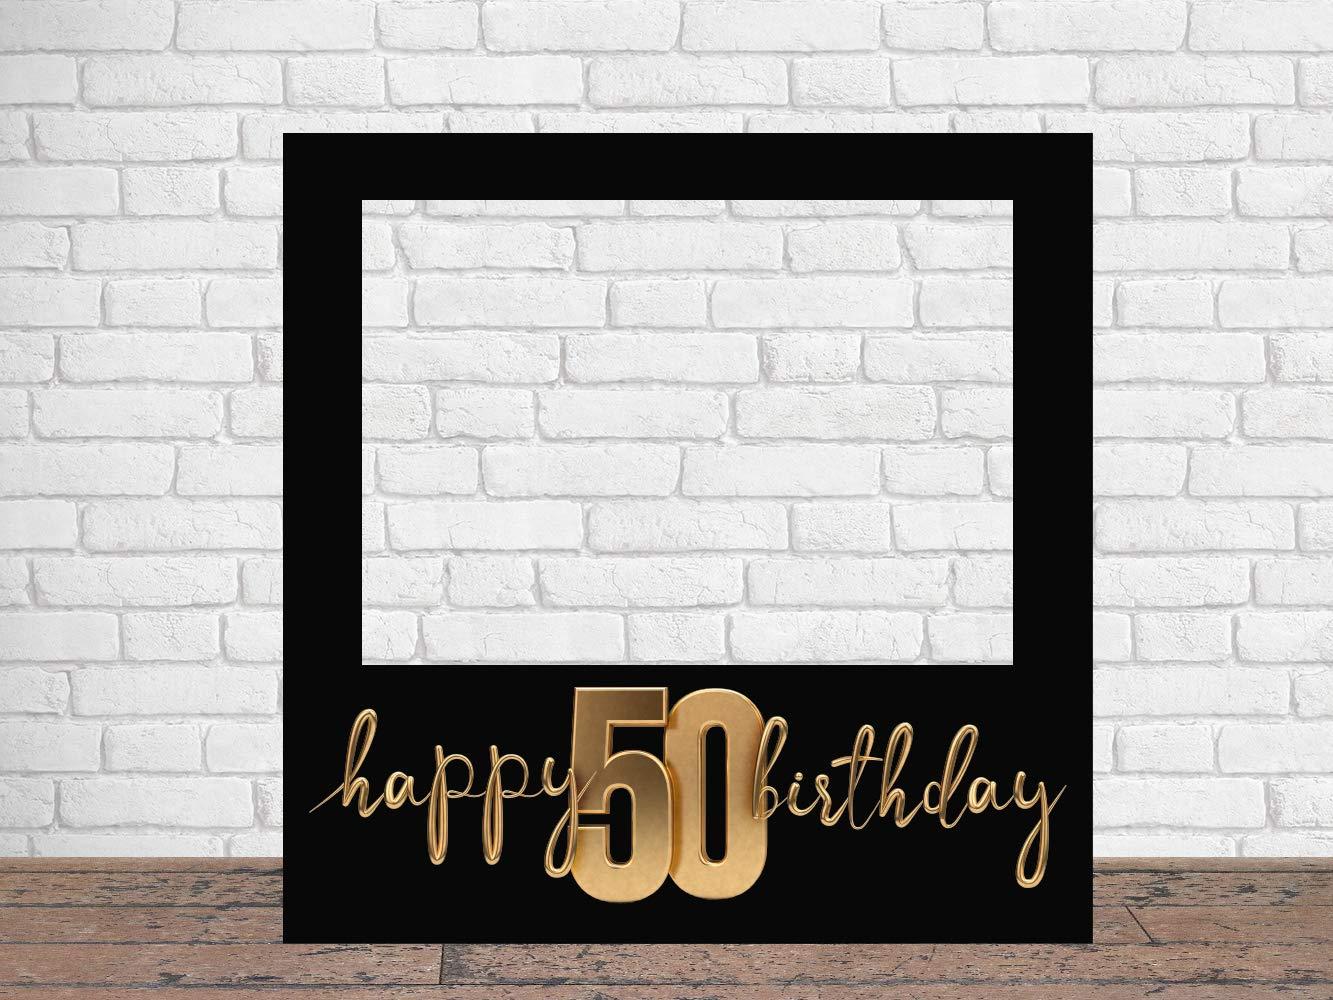 Regalos Personalizados de Cumplea/ños Photocall Feliz 50 Cumplea/ños 100 x100 cm Regalos para Cumplea/ños Ideas para Regalos Photocall Econ/ómico y Original